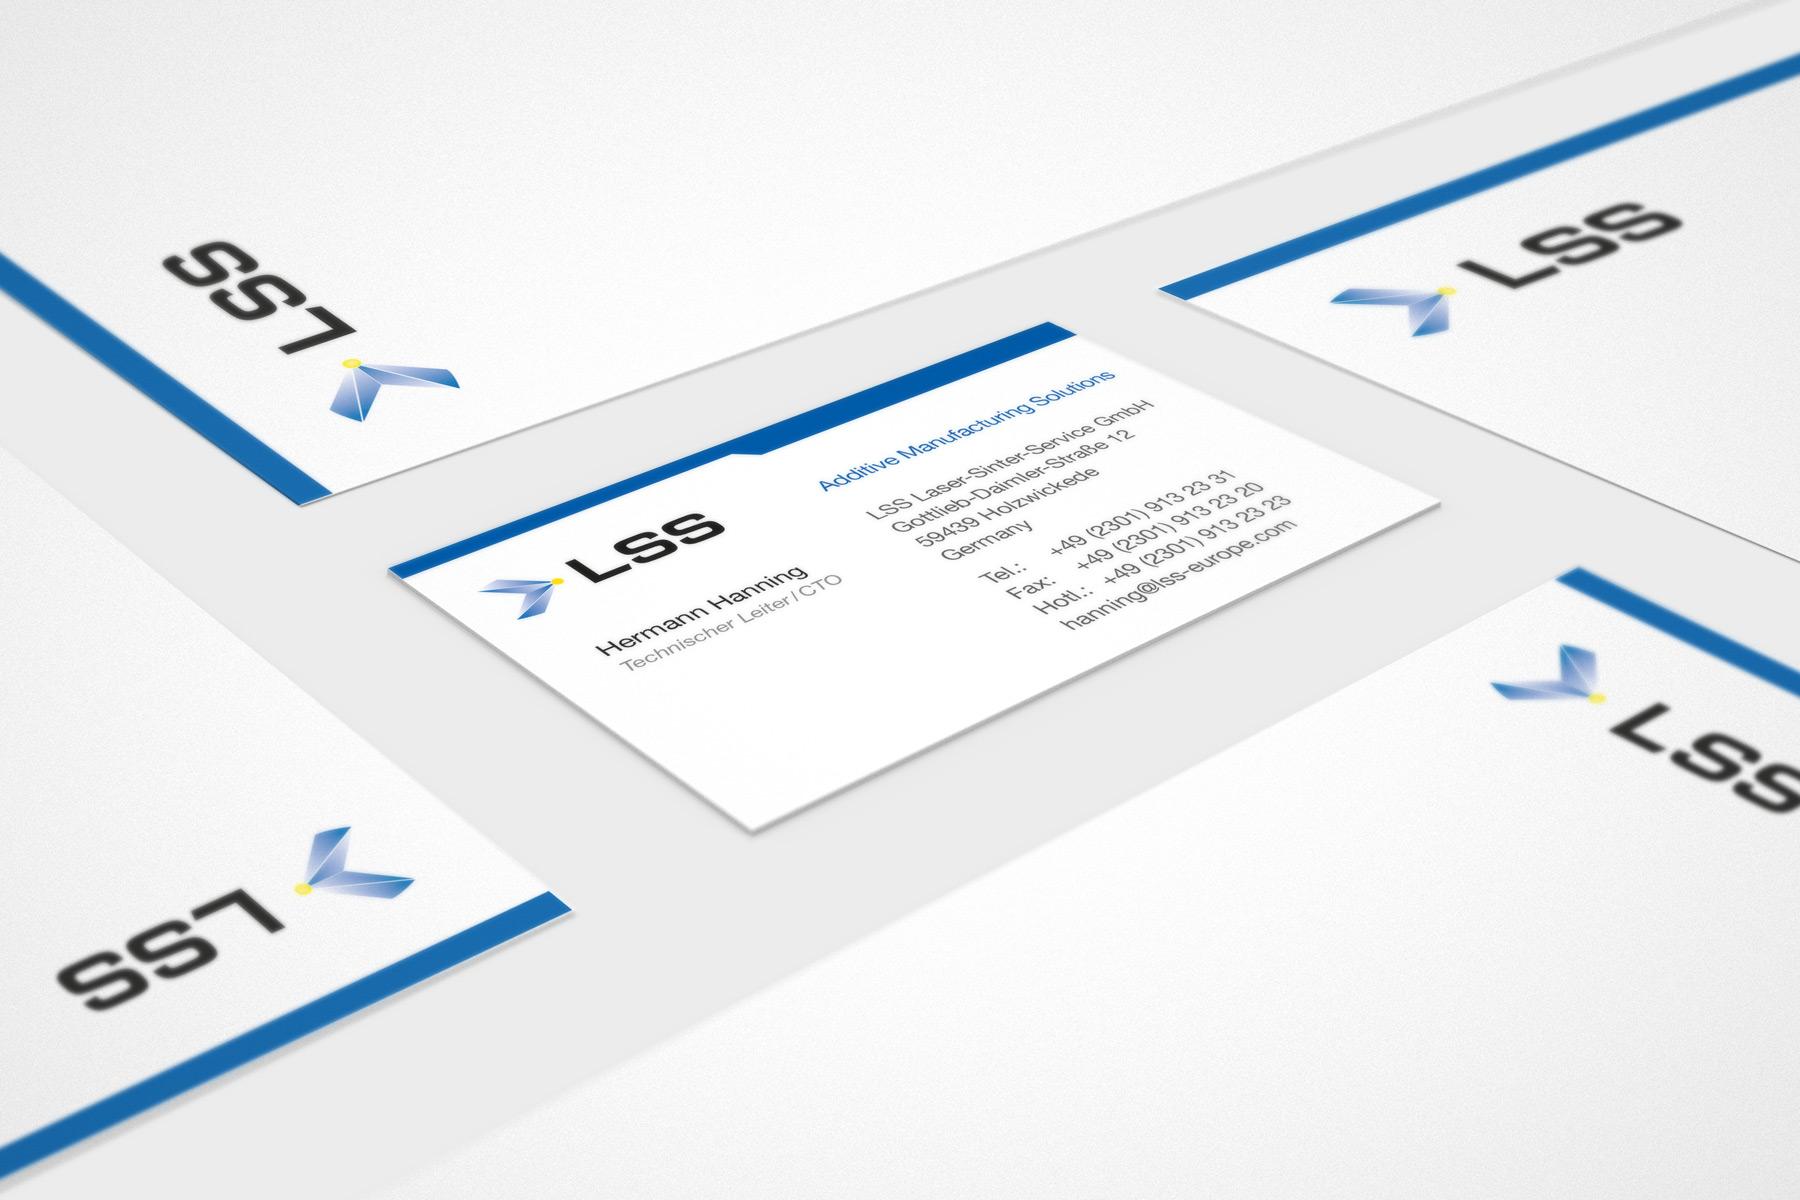 tooldesign-web-lss-briefbogen-visitenkarten-2